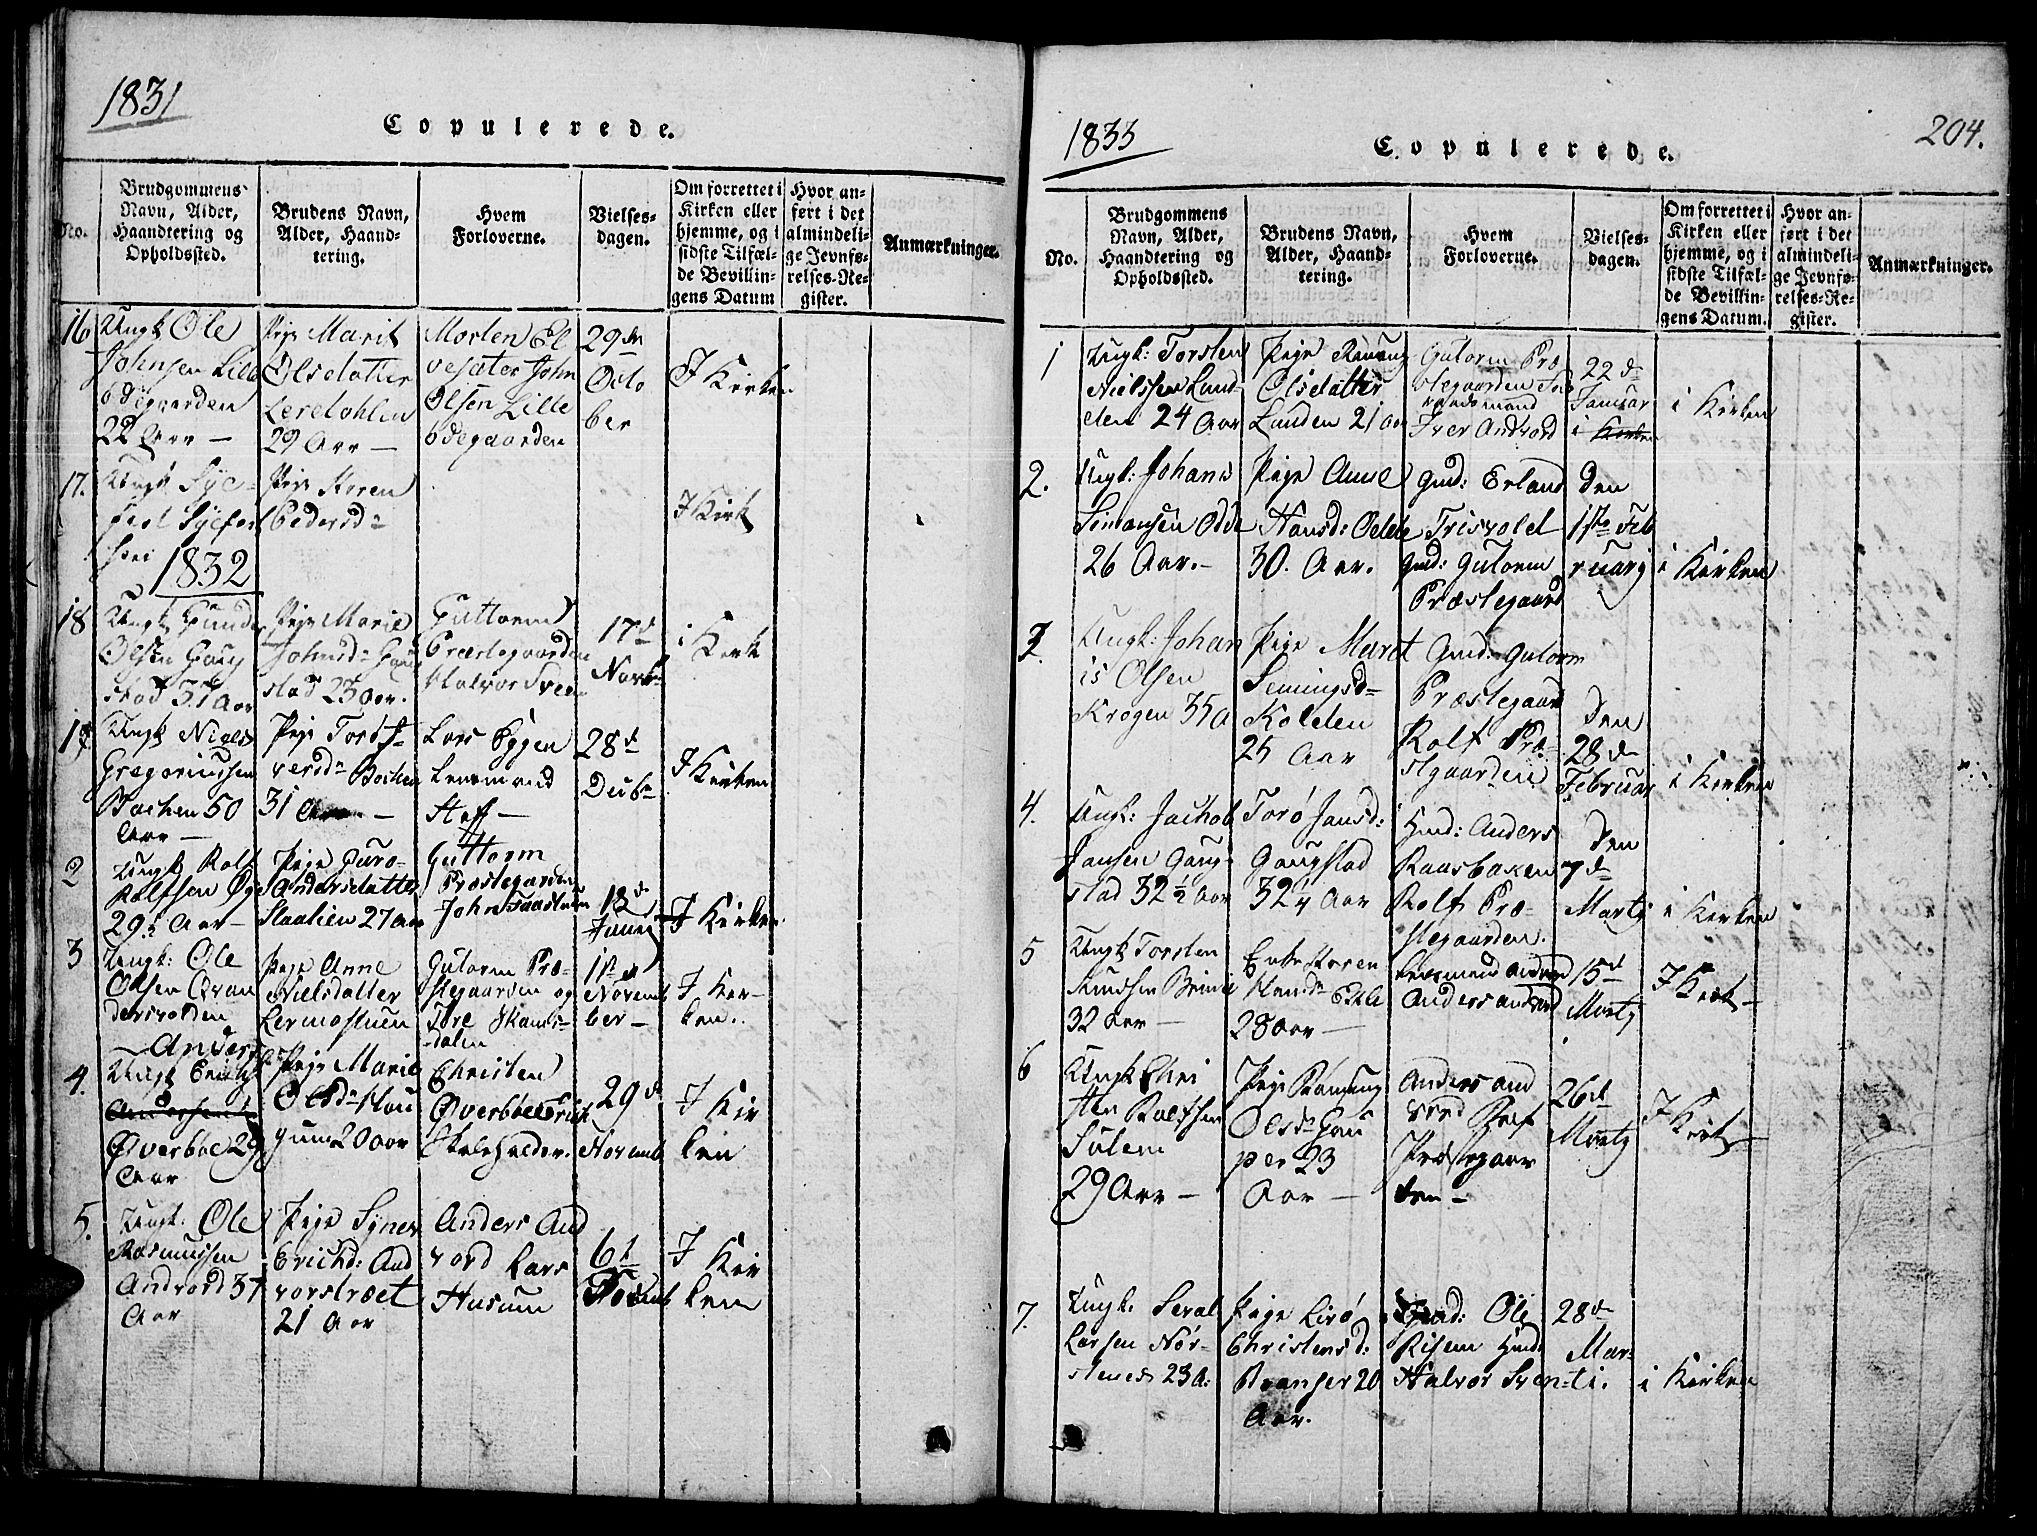 SAH, Lom prestekontor, L/L0001: Klokkerbok nr. 1, 1815-1836, s. 204